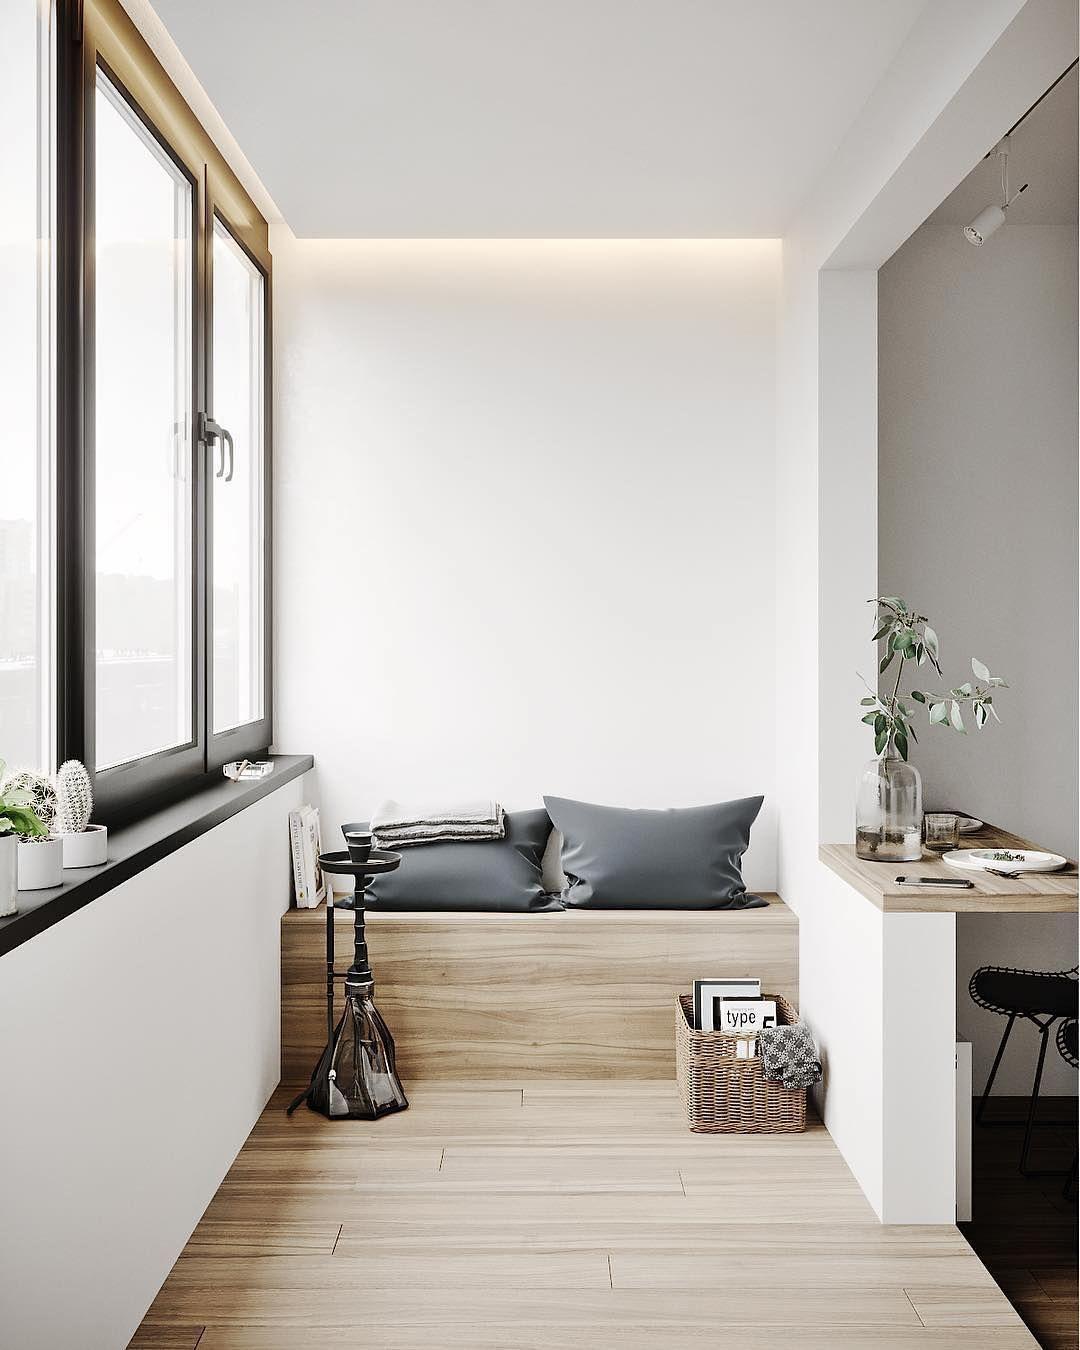 дизайн интерьера балкона фото 6